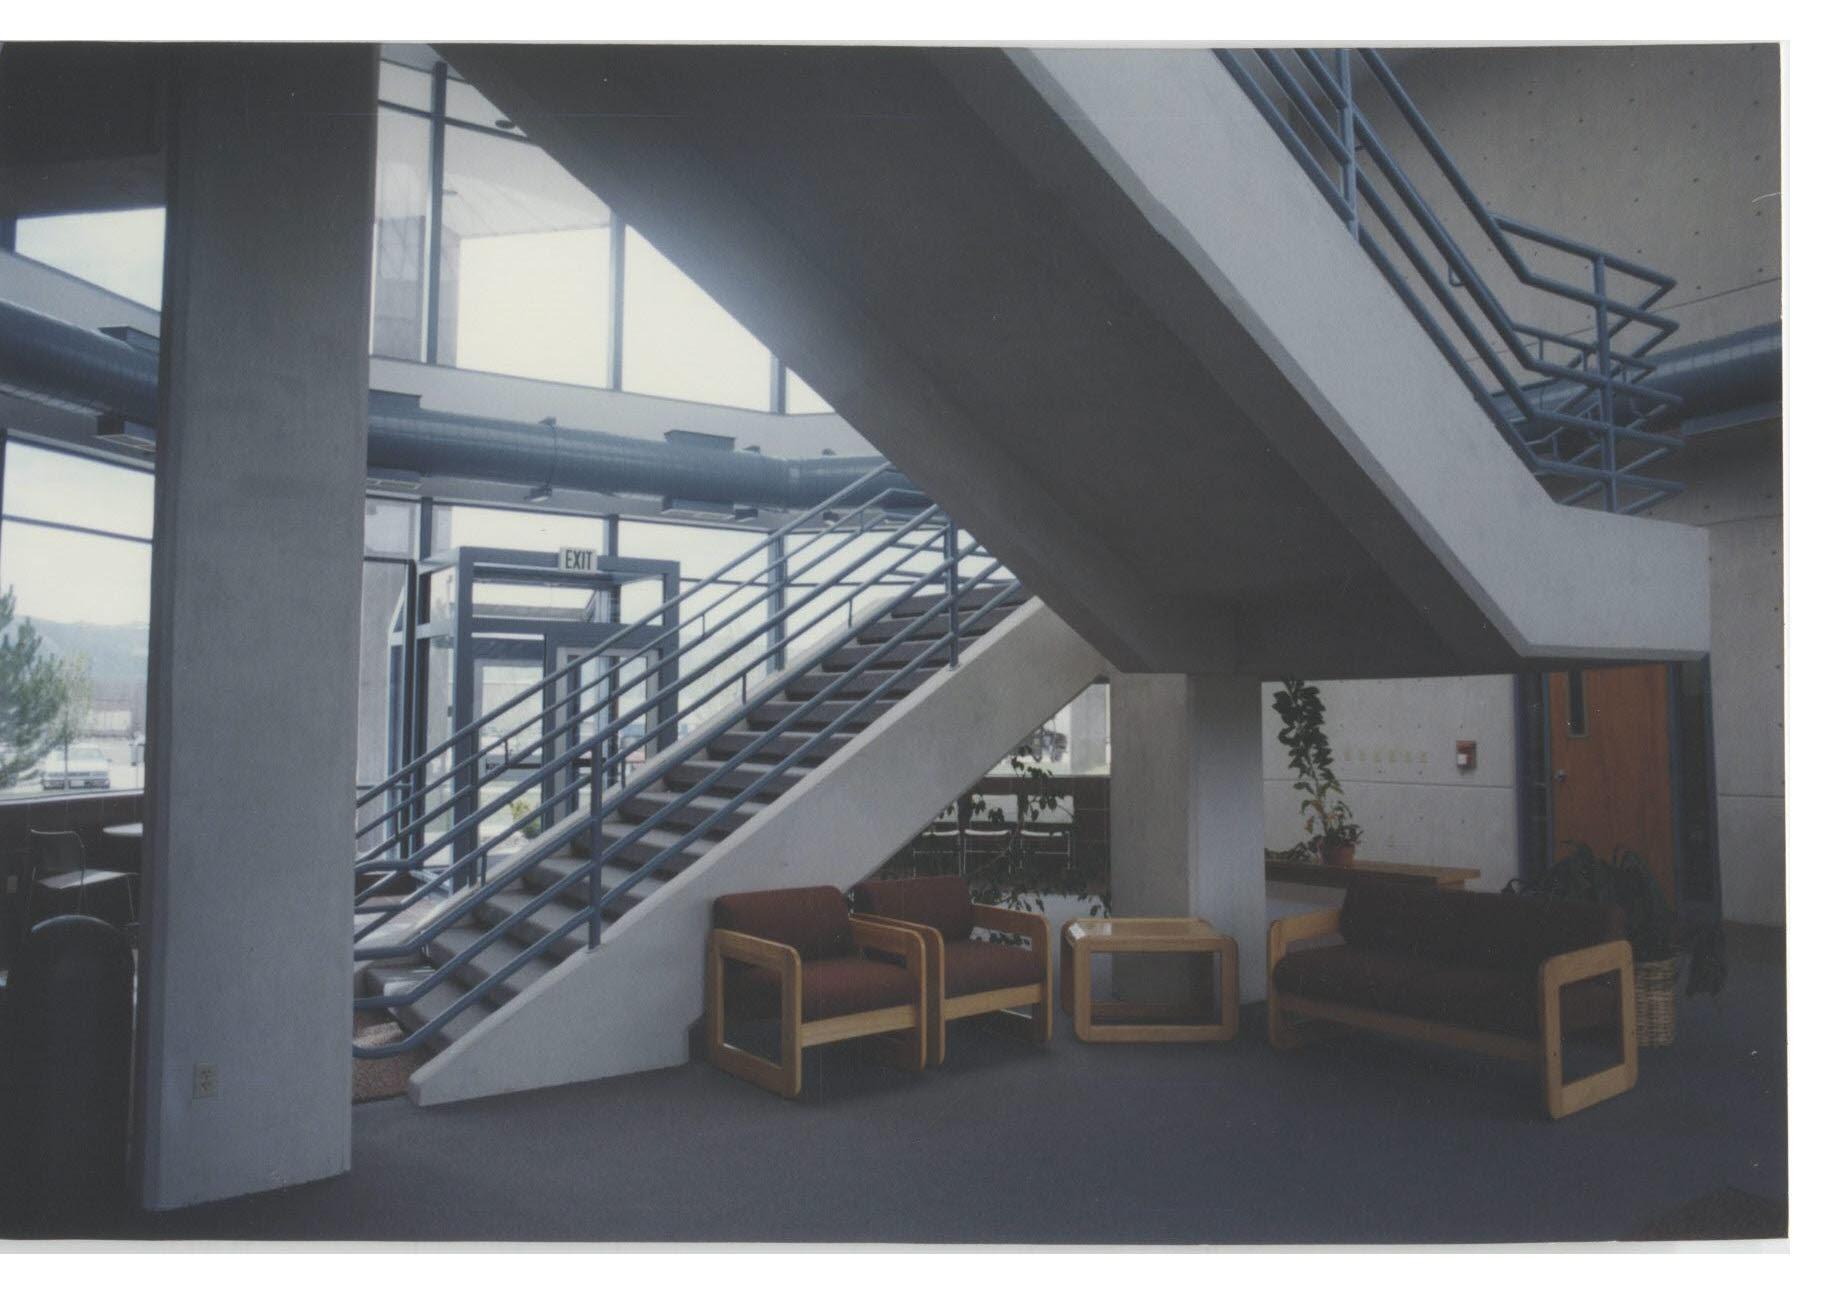 CEU Student Center Inside2.jpg